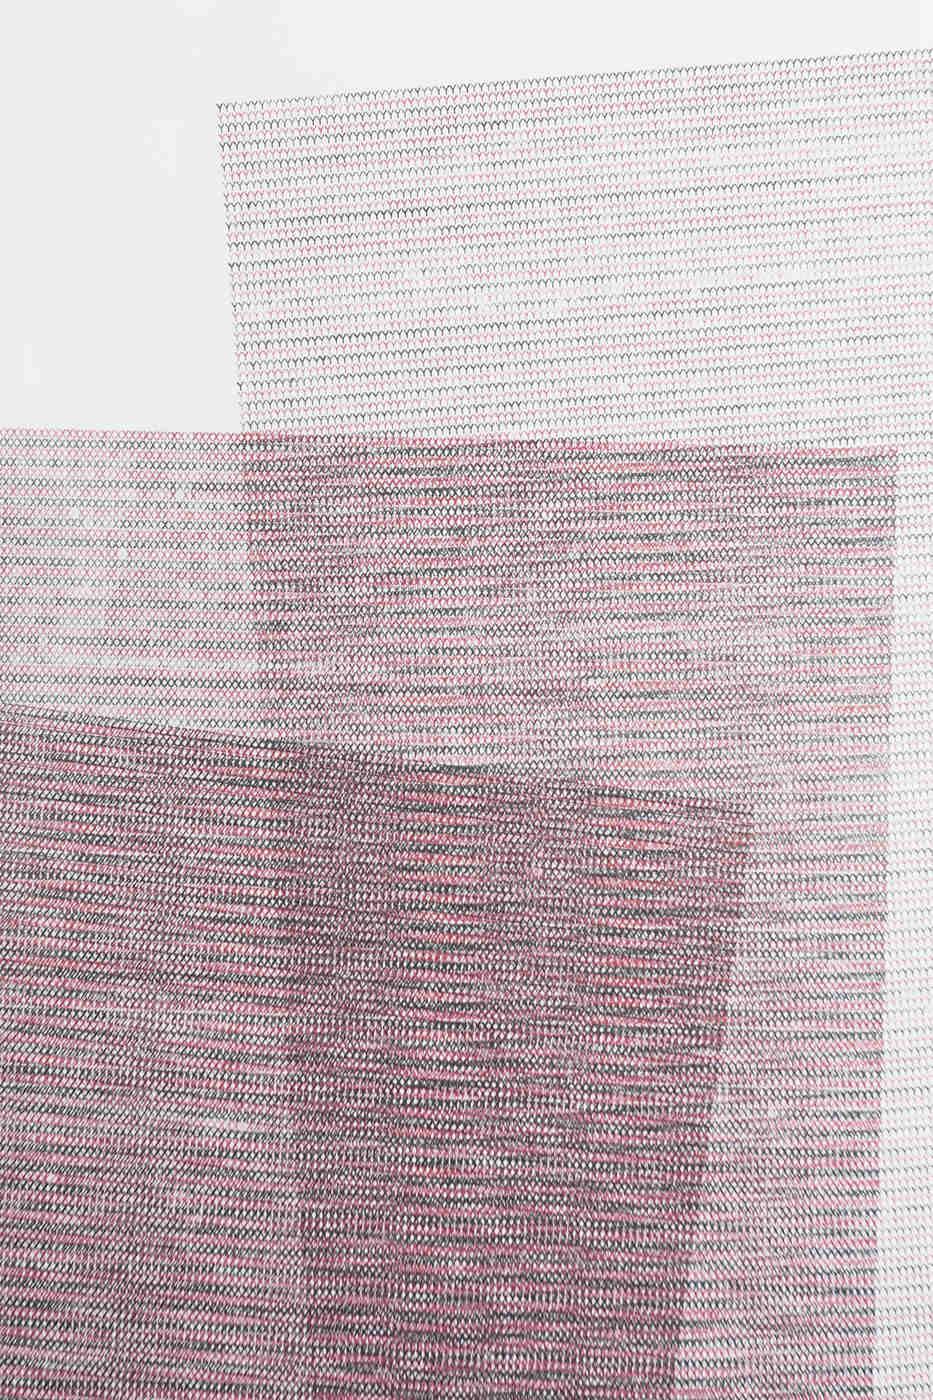 detail_six